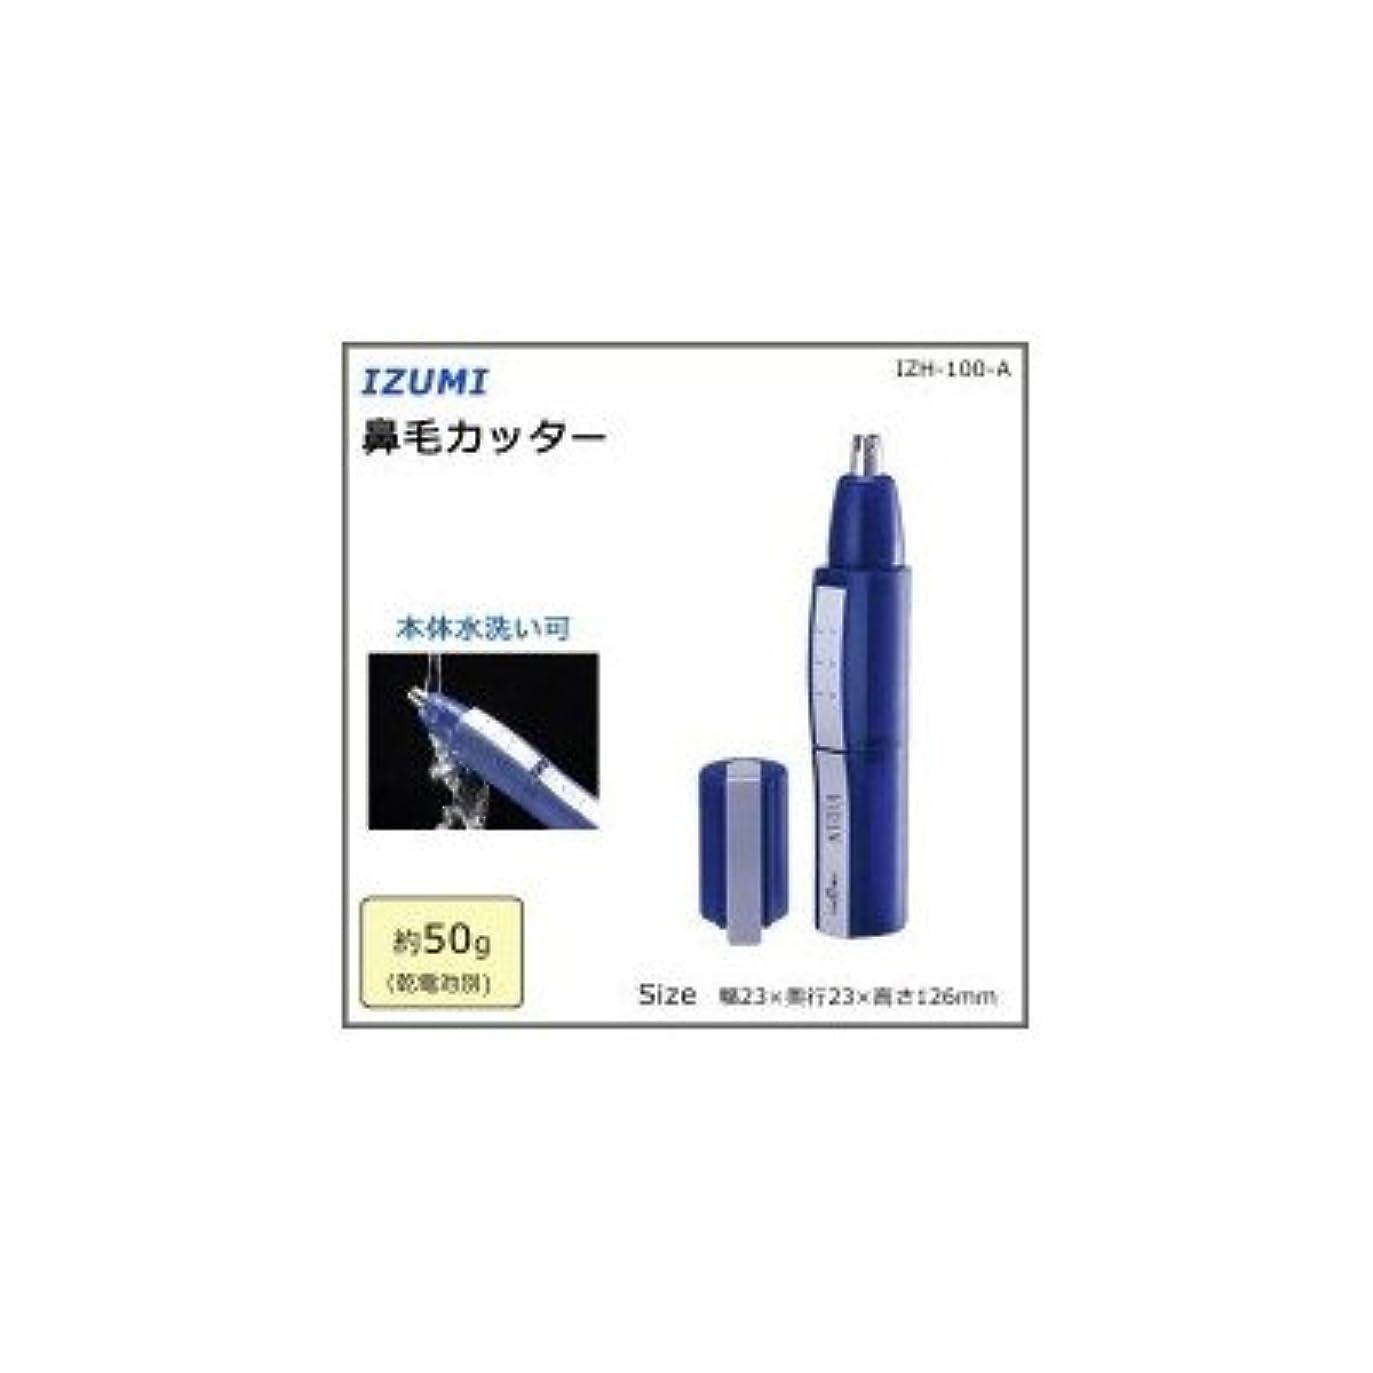 達成可能悔い改める足音IZUMI 鼻毛カッター IZH-100-A 手軽に選べて機能充実 できる男のみだしなみ